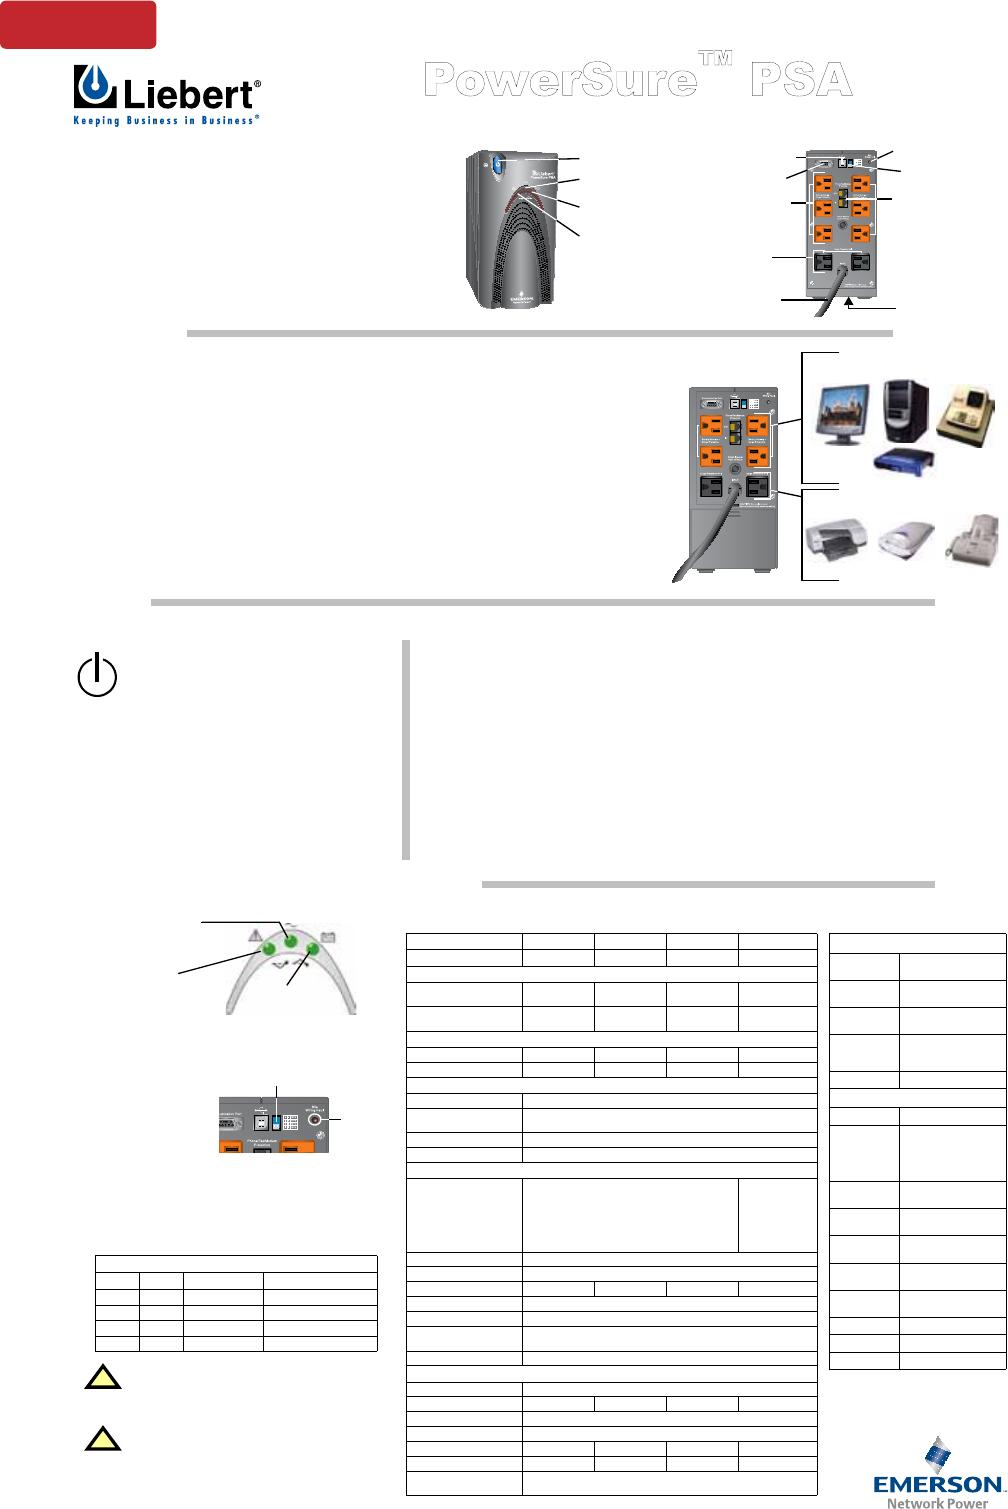 liebert power supply psa500mt 120 user guide manualsonline com rh office manualsonline com PSA 3 Precinct PSA 3 Brooklyn